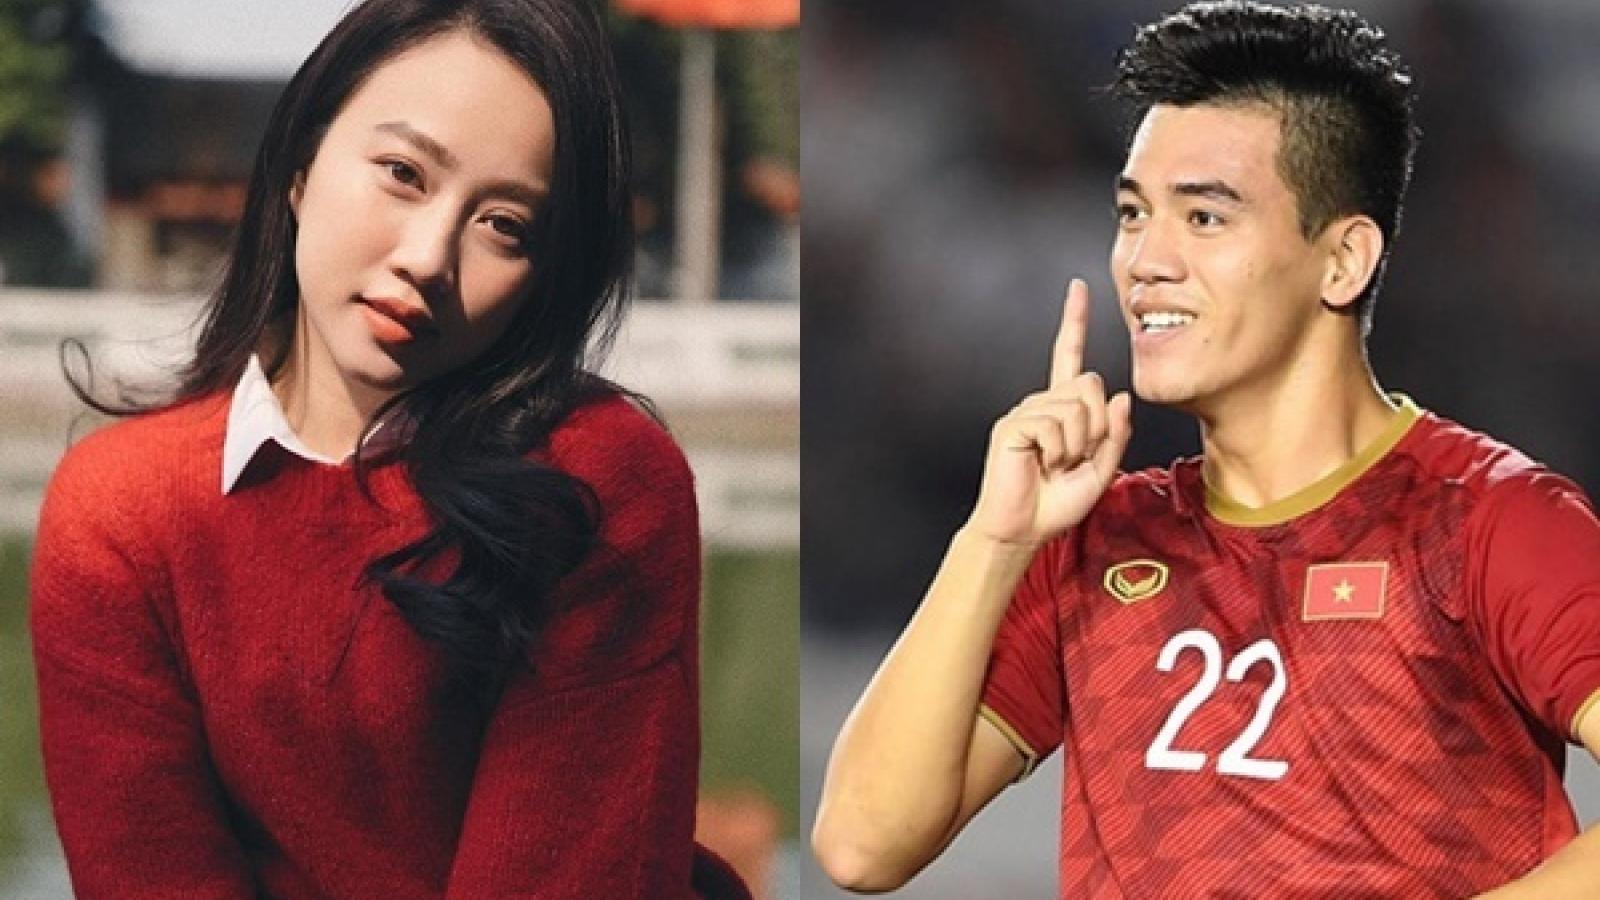 Chuyện showbiz: Hồng Loan và Tiến Linh chính thức chia tay?